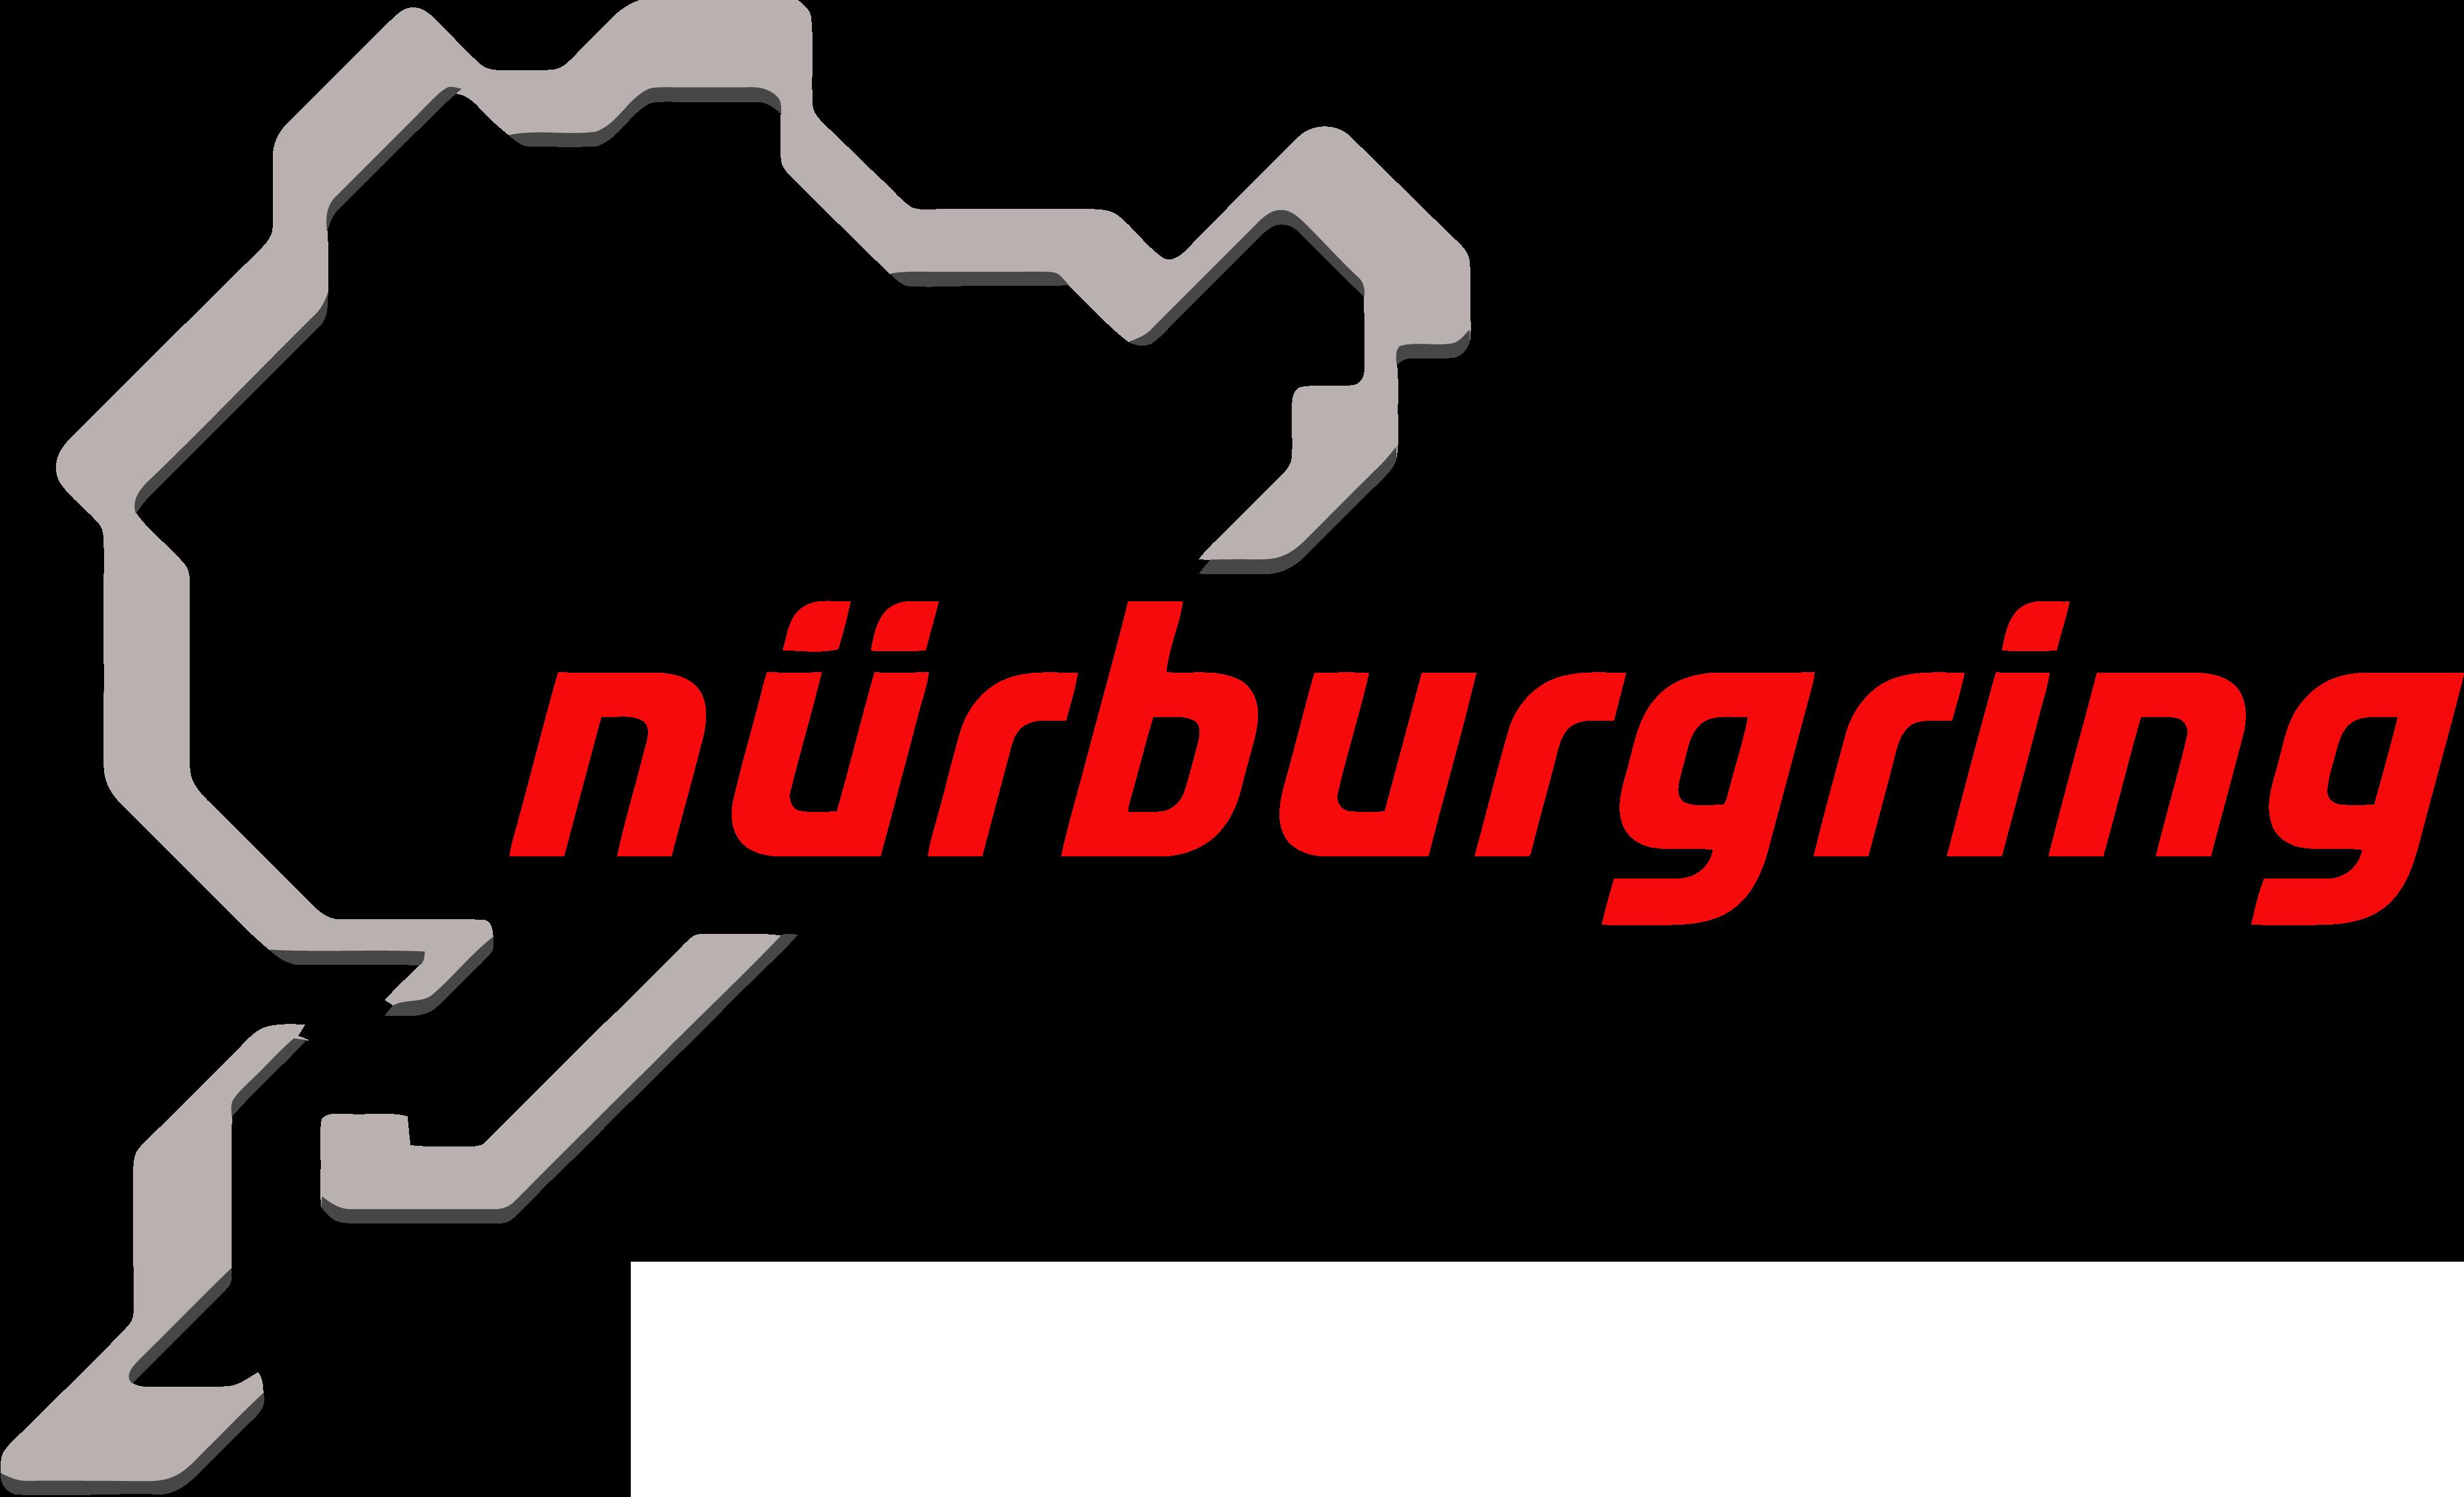 Garetta stasera random GT6-nurburgring-png